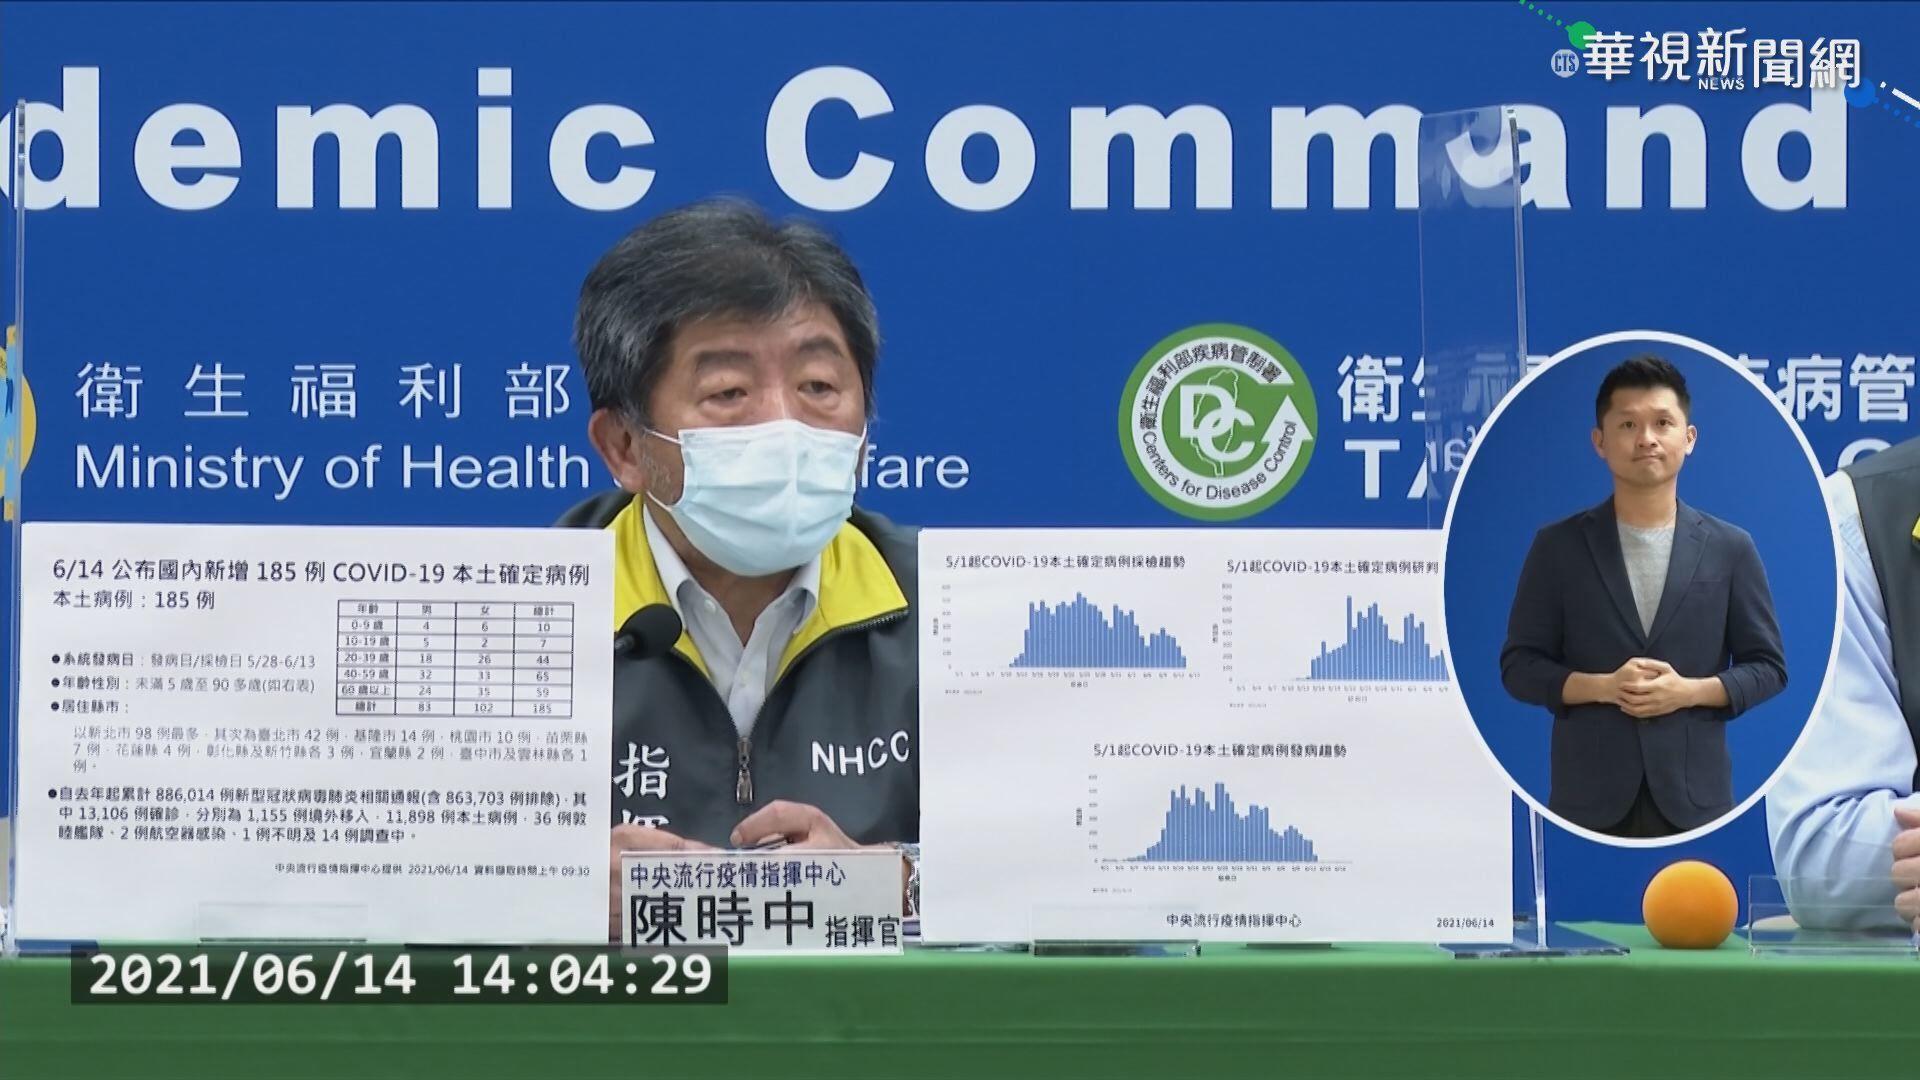 本土增185例 陳時中:疫情有往下趨勢